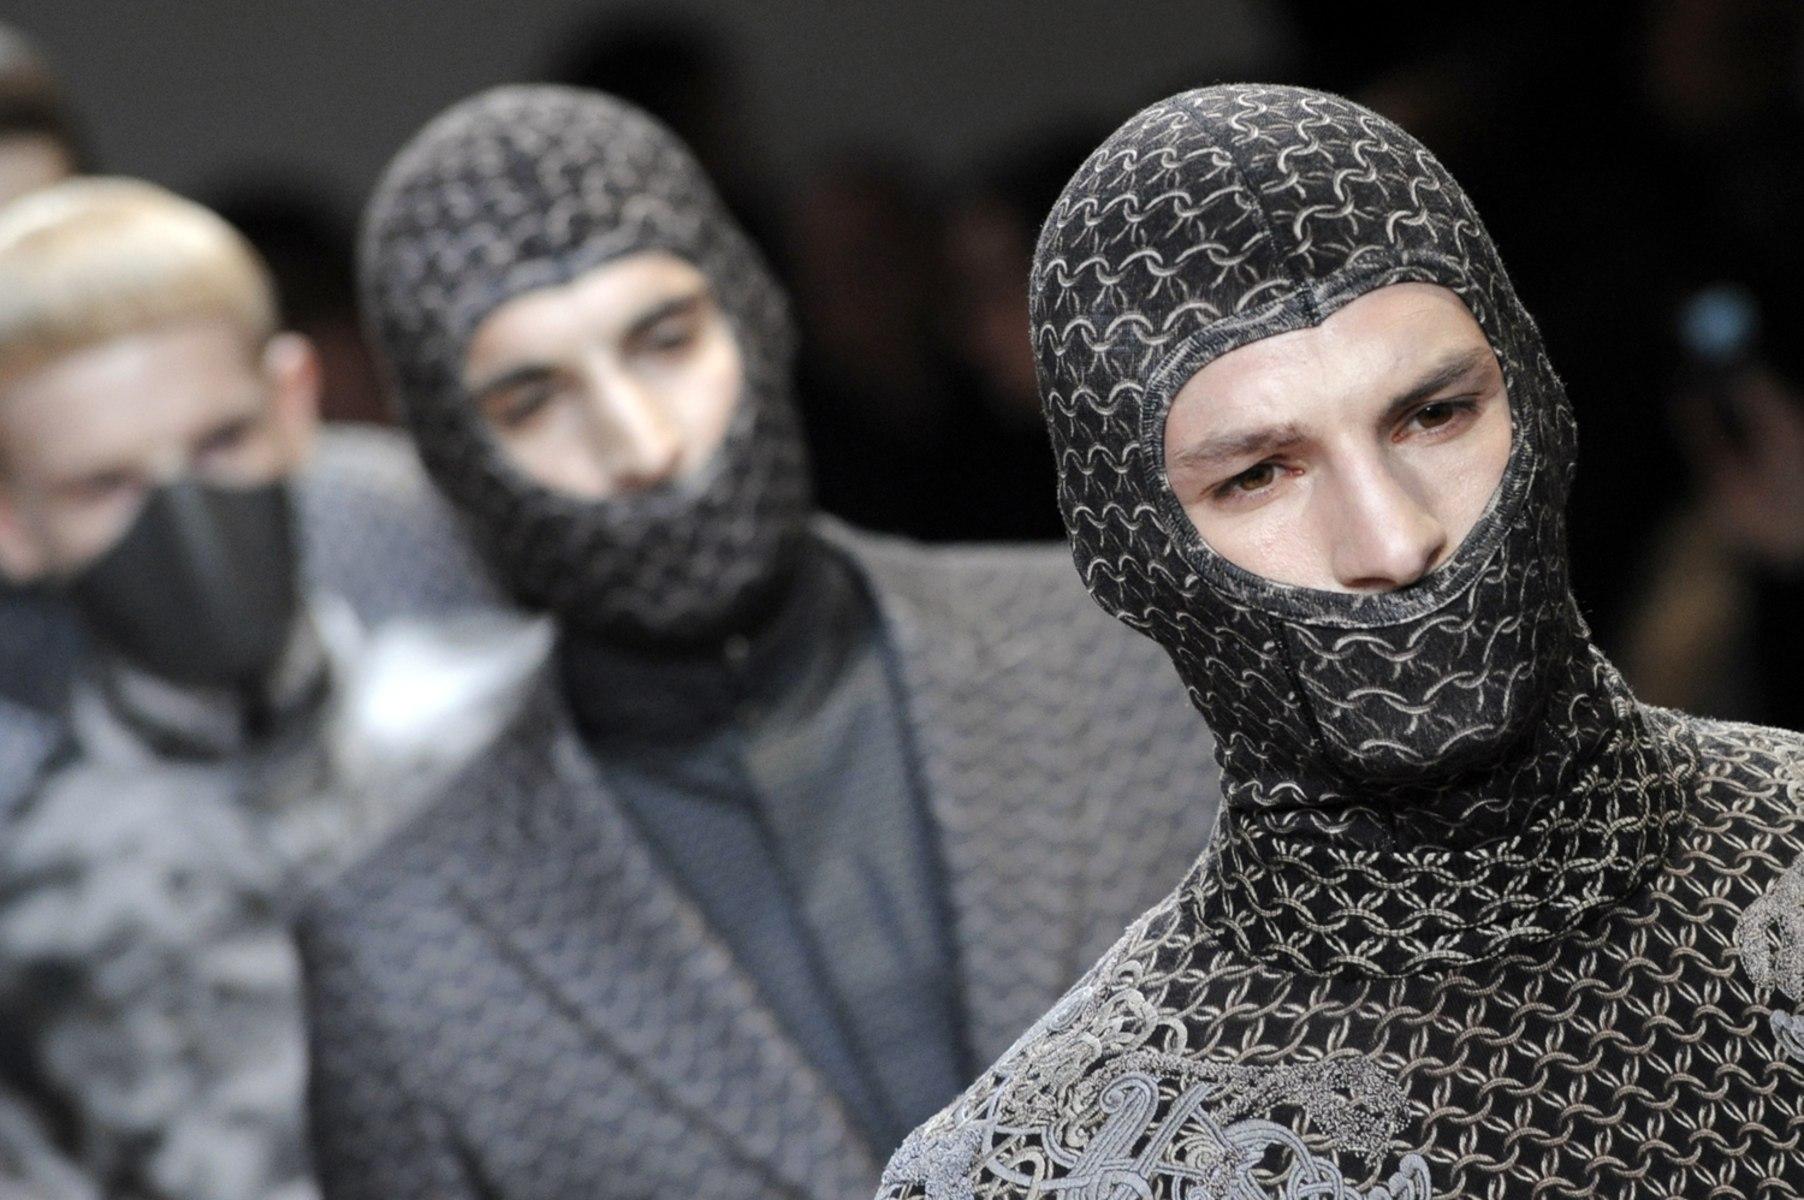 Alexander McQueen's wild style